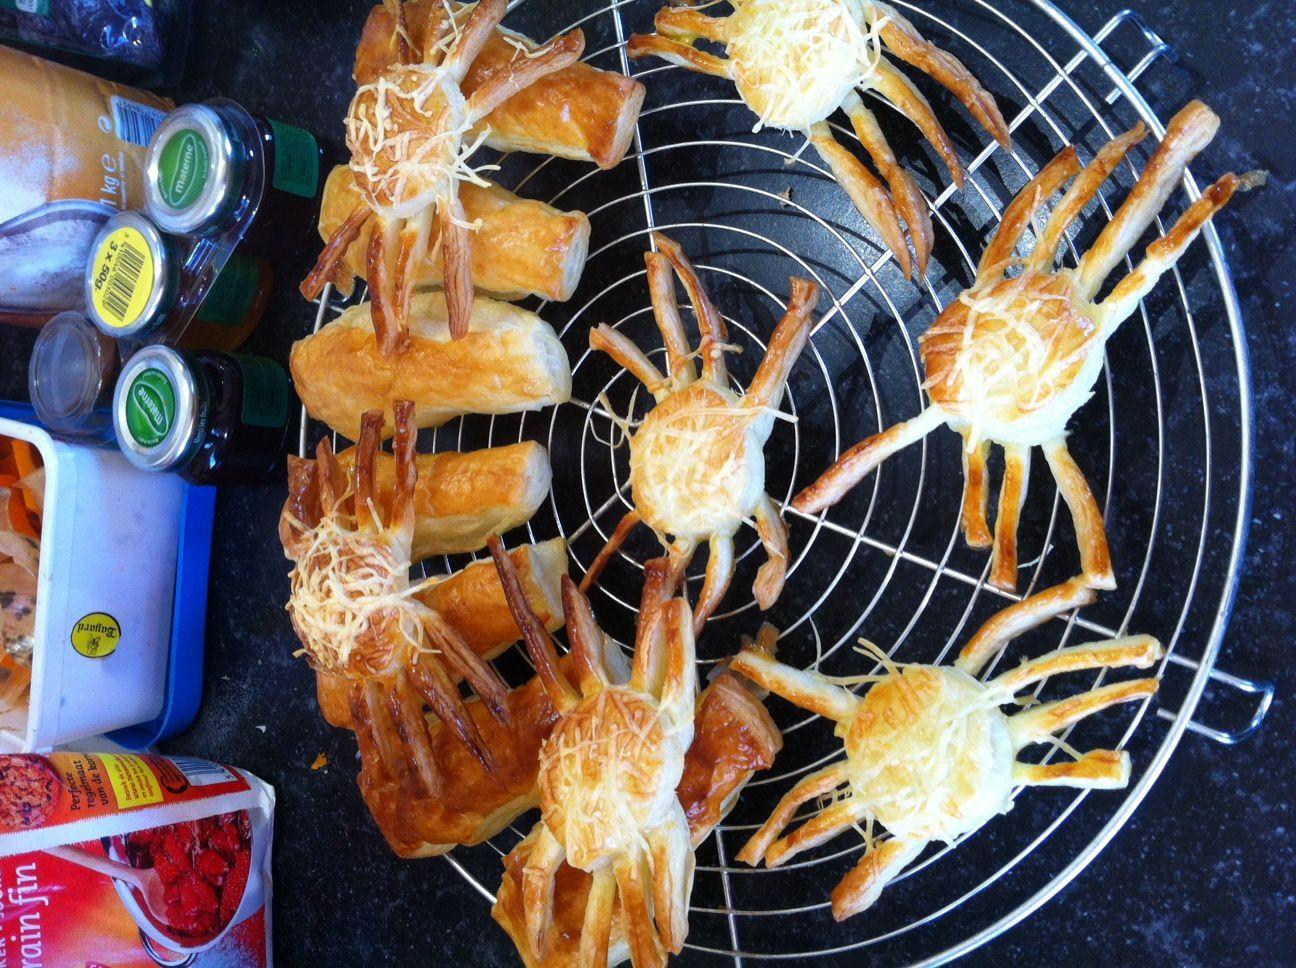 les araignées en pâtes feuilletées que j'avais posées dans le bol de soupe